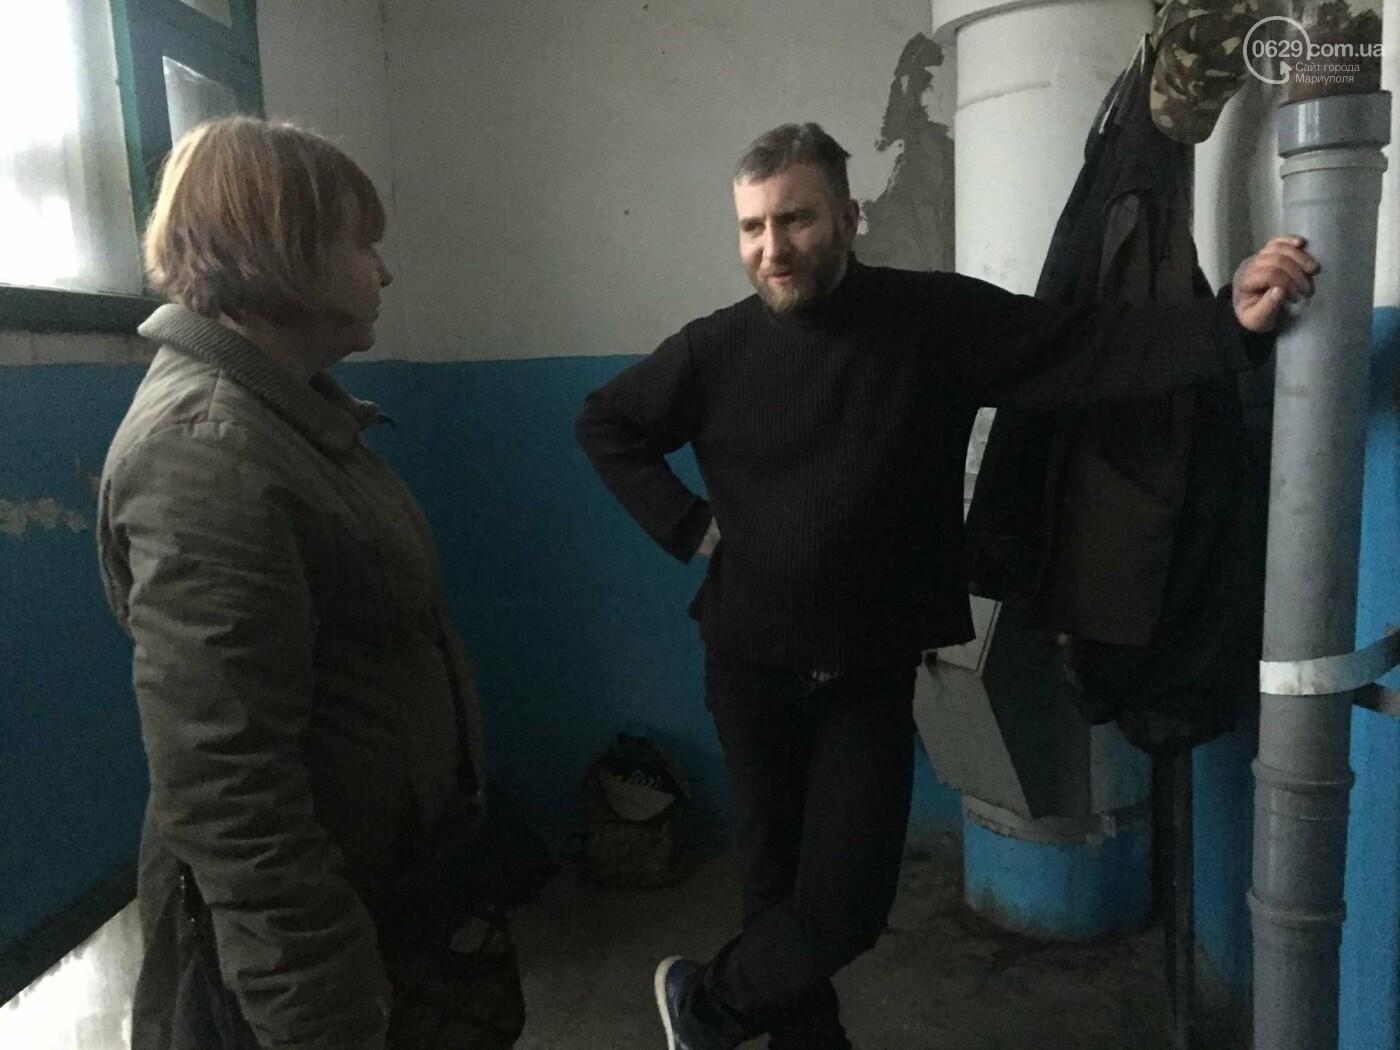 Гражданин Польши, живущий в подъезде, пугает жителей Левобережья, - ФОТО, ВИДЕО, фото-3